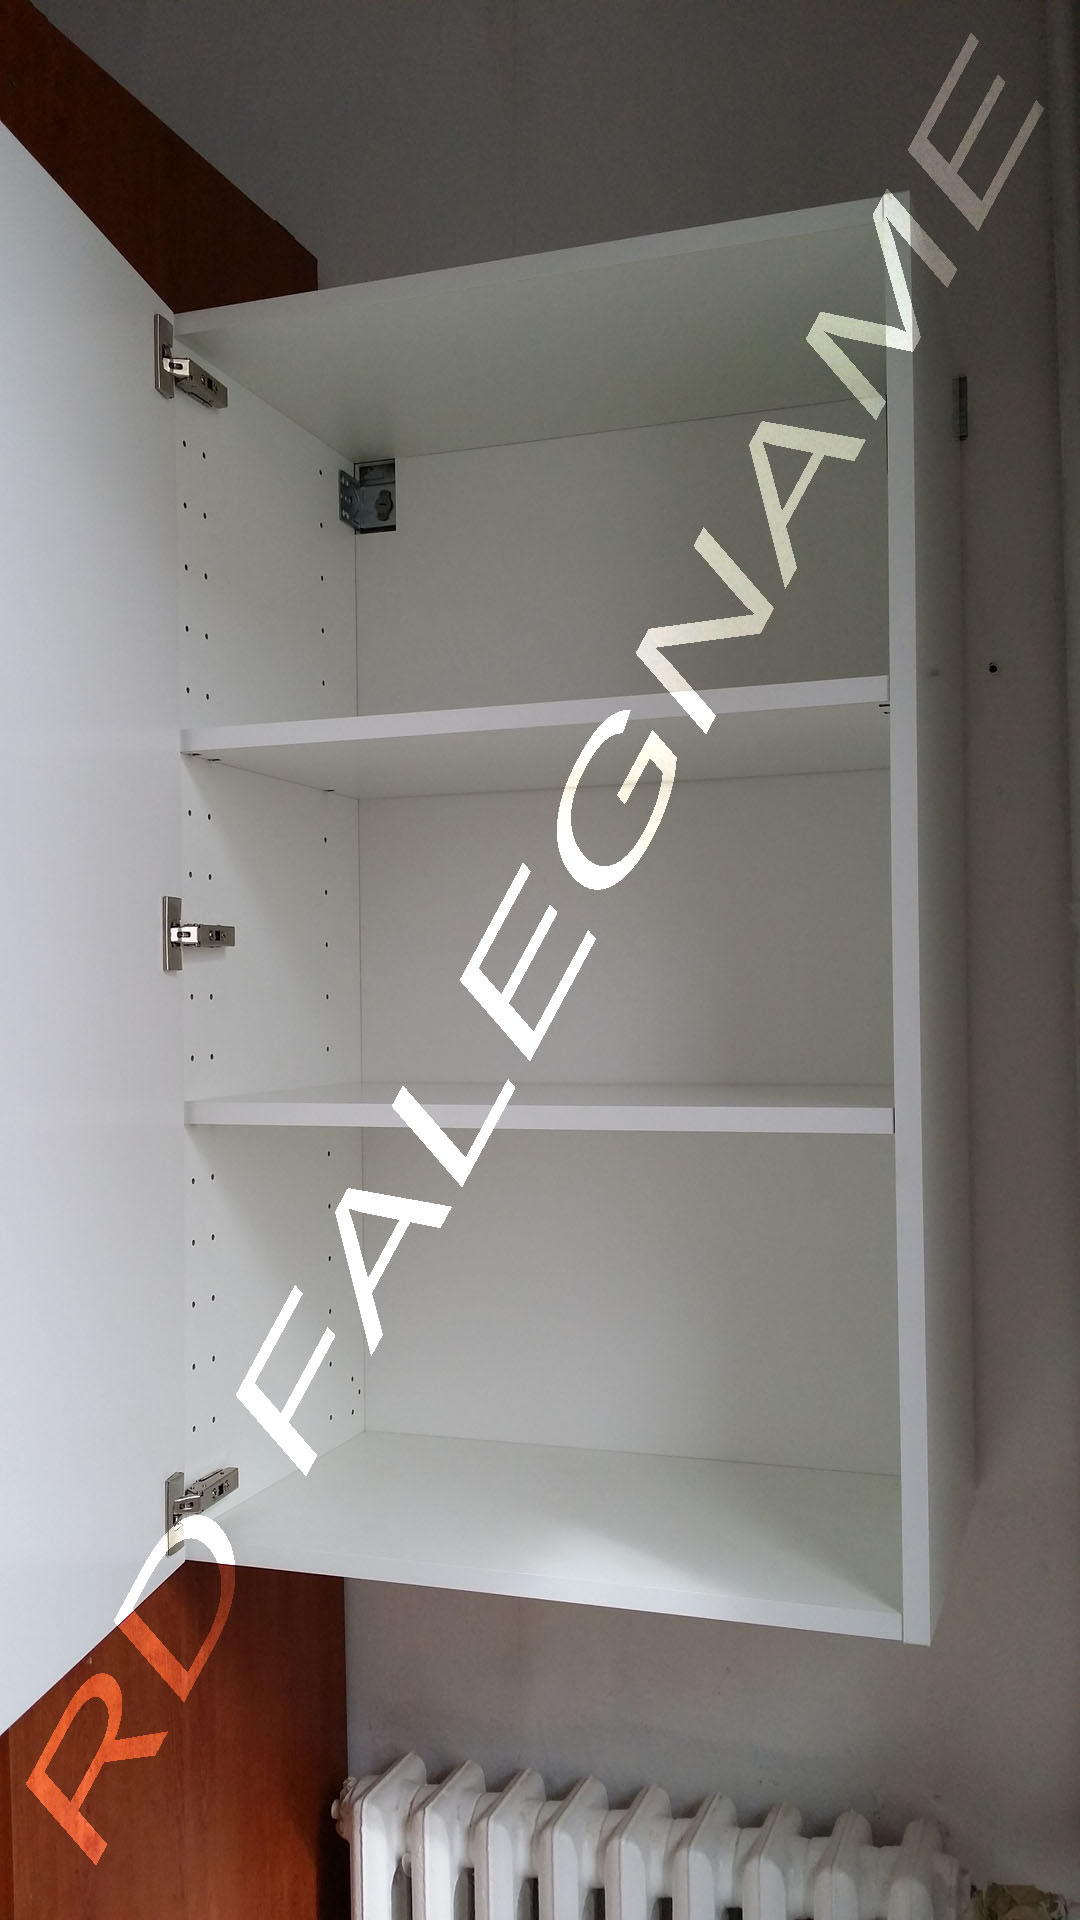 Binario Pensili Cucina Ikea acquisto, montaggio e fissaggio di pensili ikea - rd